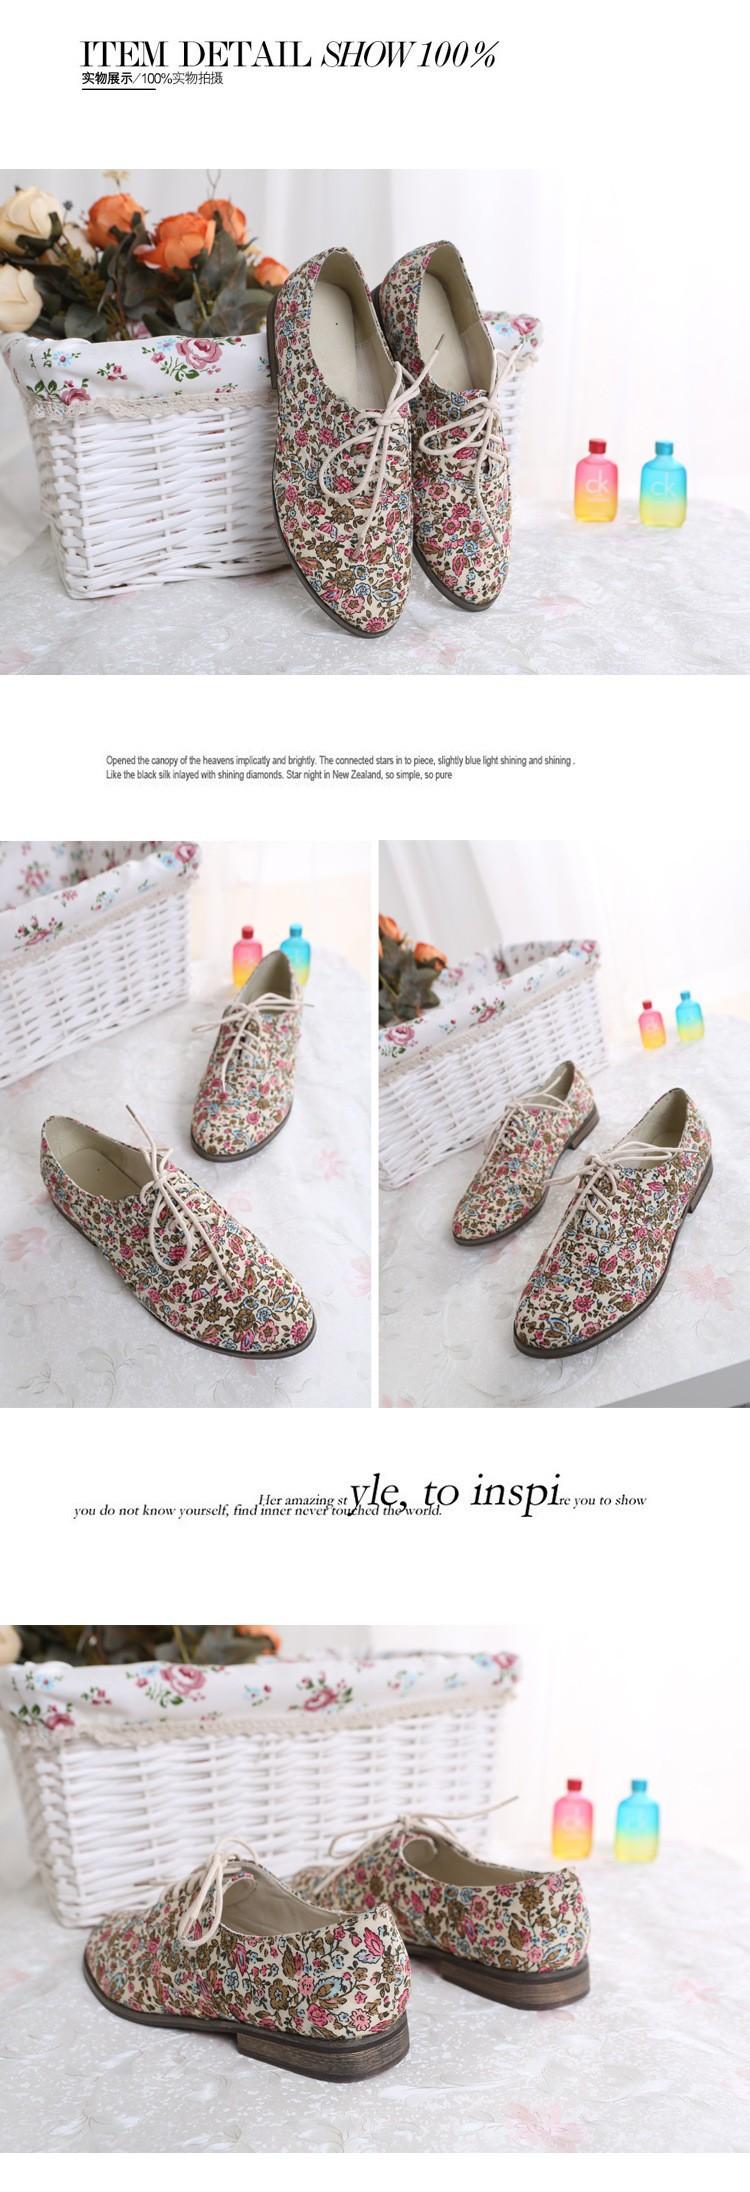 бесплатная доставка новый энглунд стиль цветочные обувь досуг старинные женская квартиры туфли